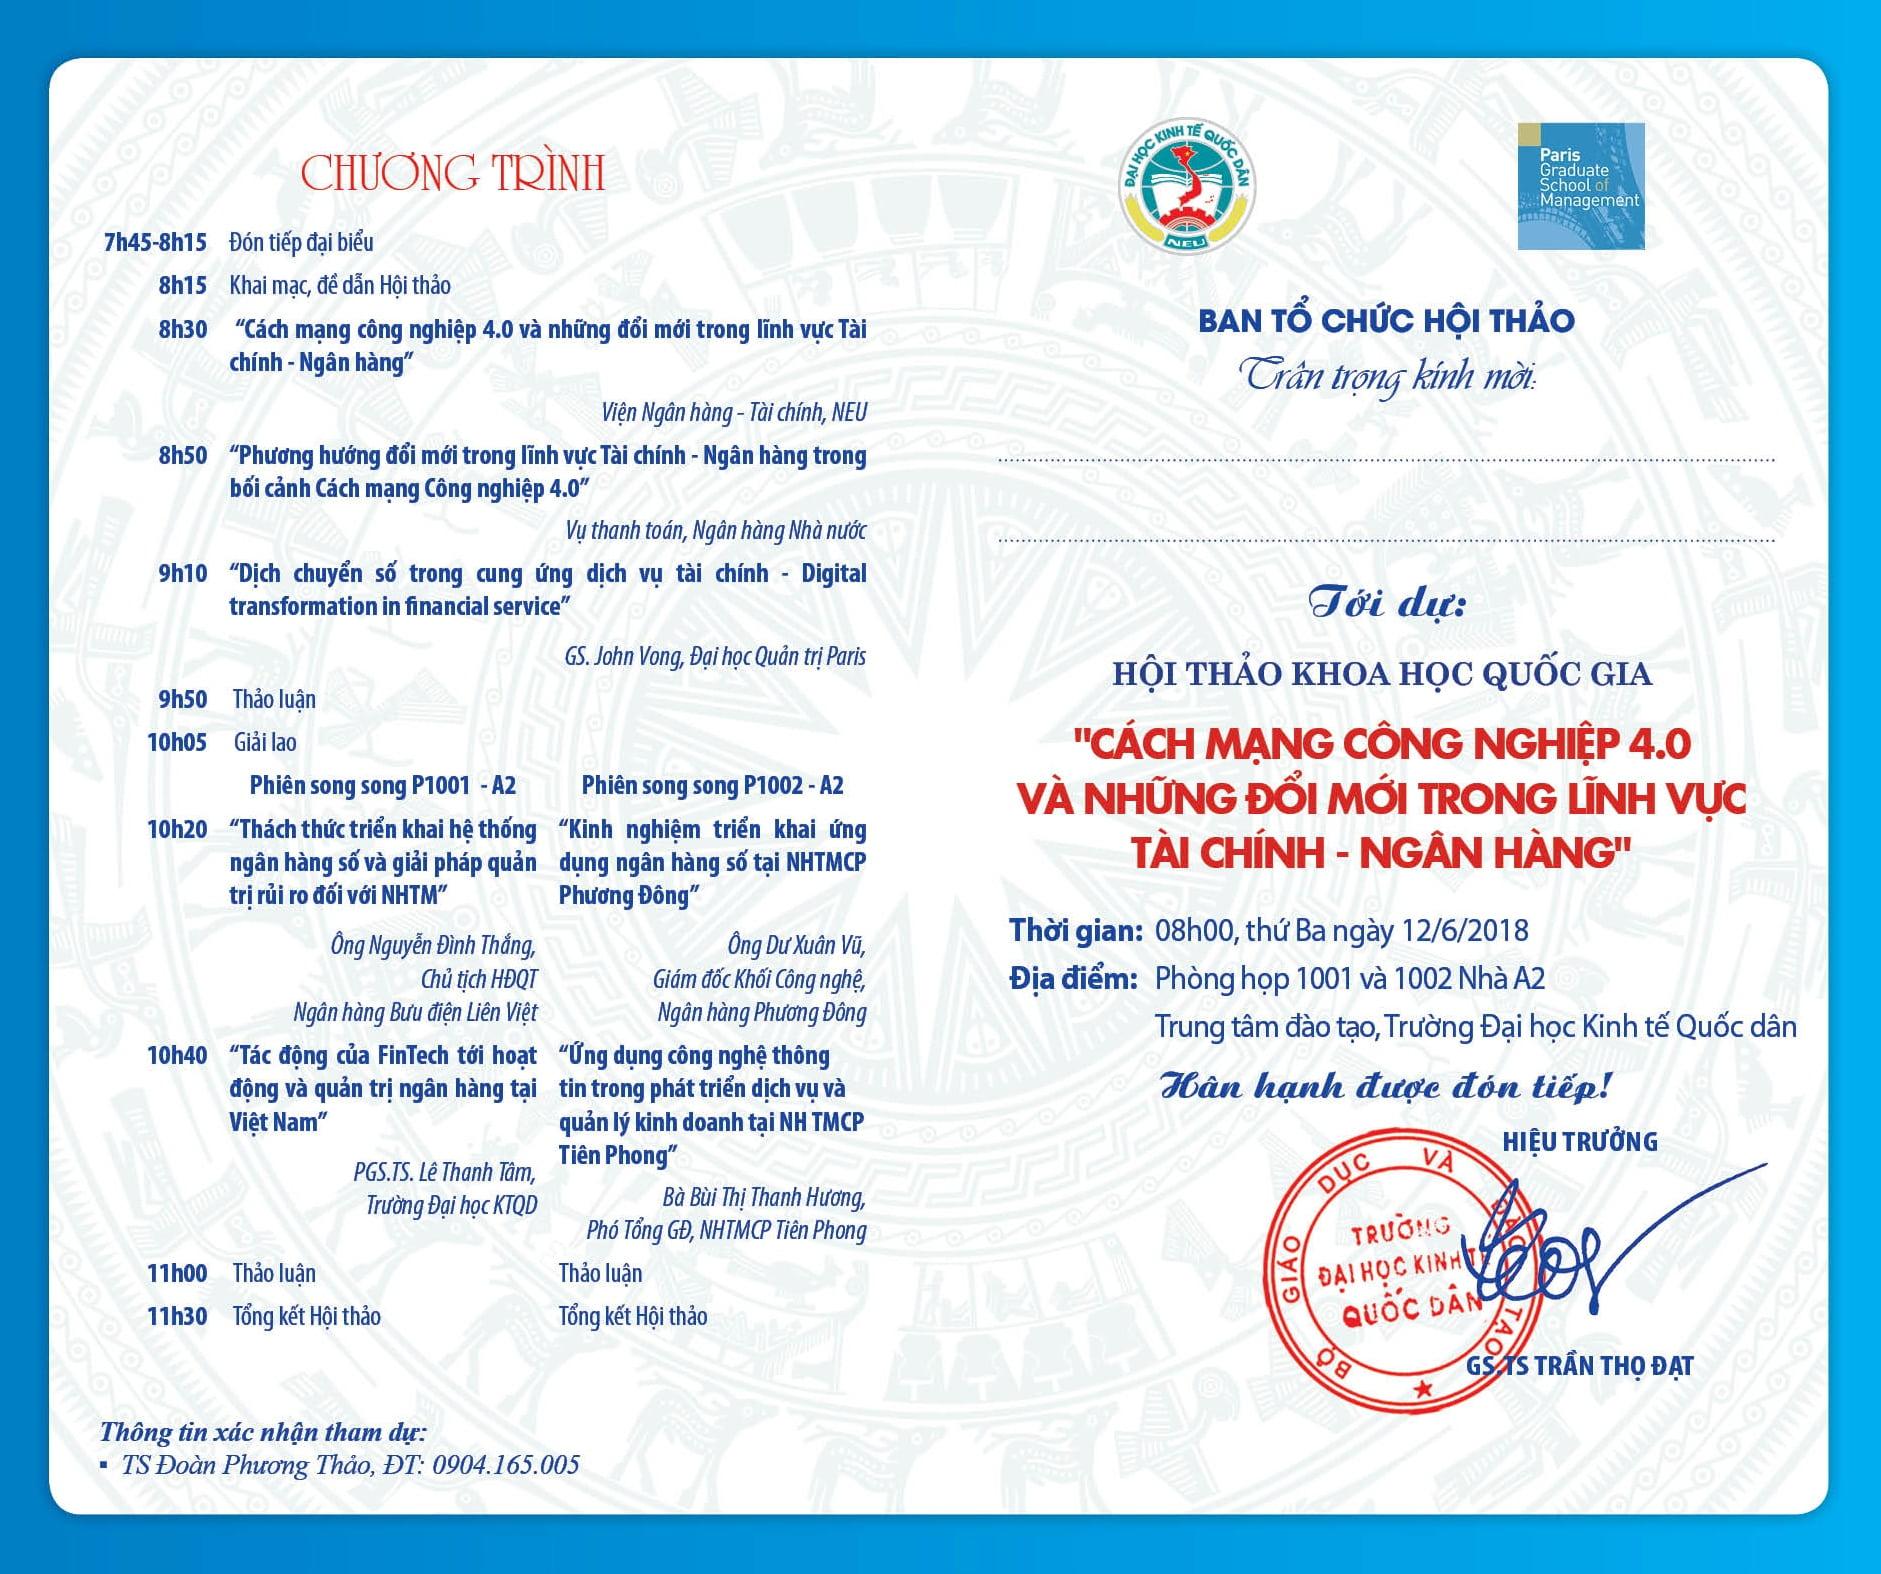 Mẫu thiệp mời hội thảo 2020 - hình ảnh chụp bởi Namvietad.com